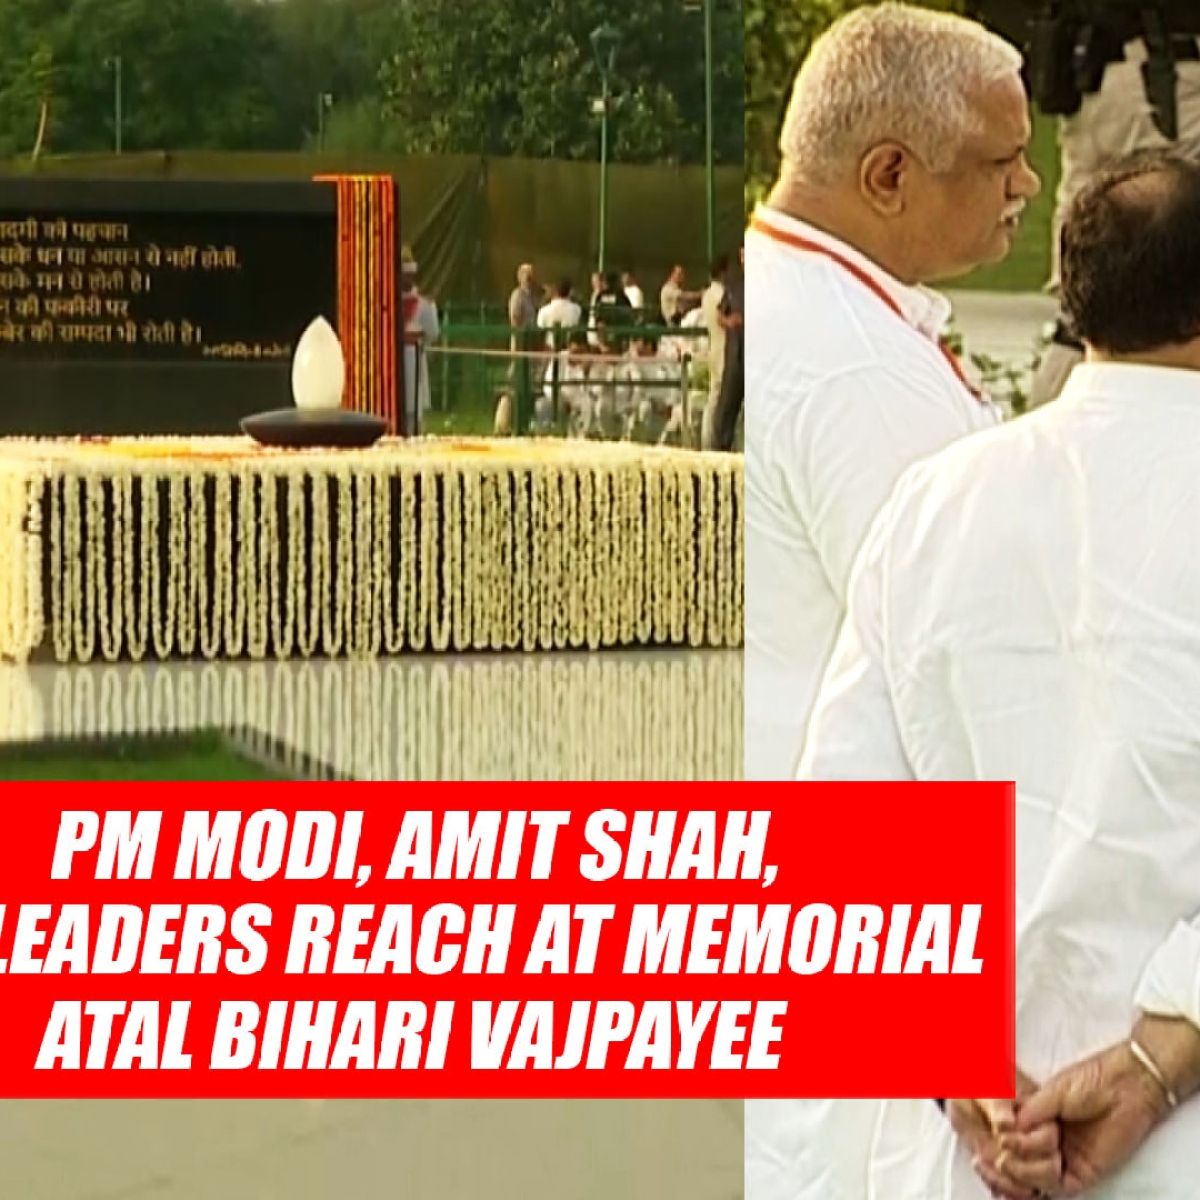 PM Modi, Amit Shah, BJP Leaders Reach At Memorial Of Atal Bihari Vajpayee